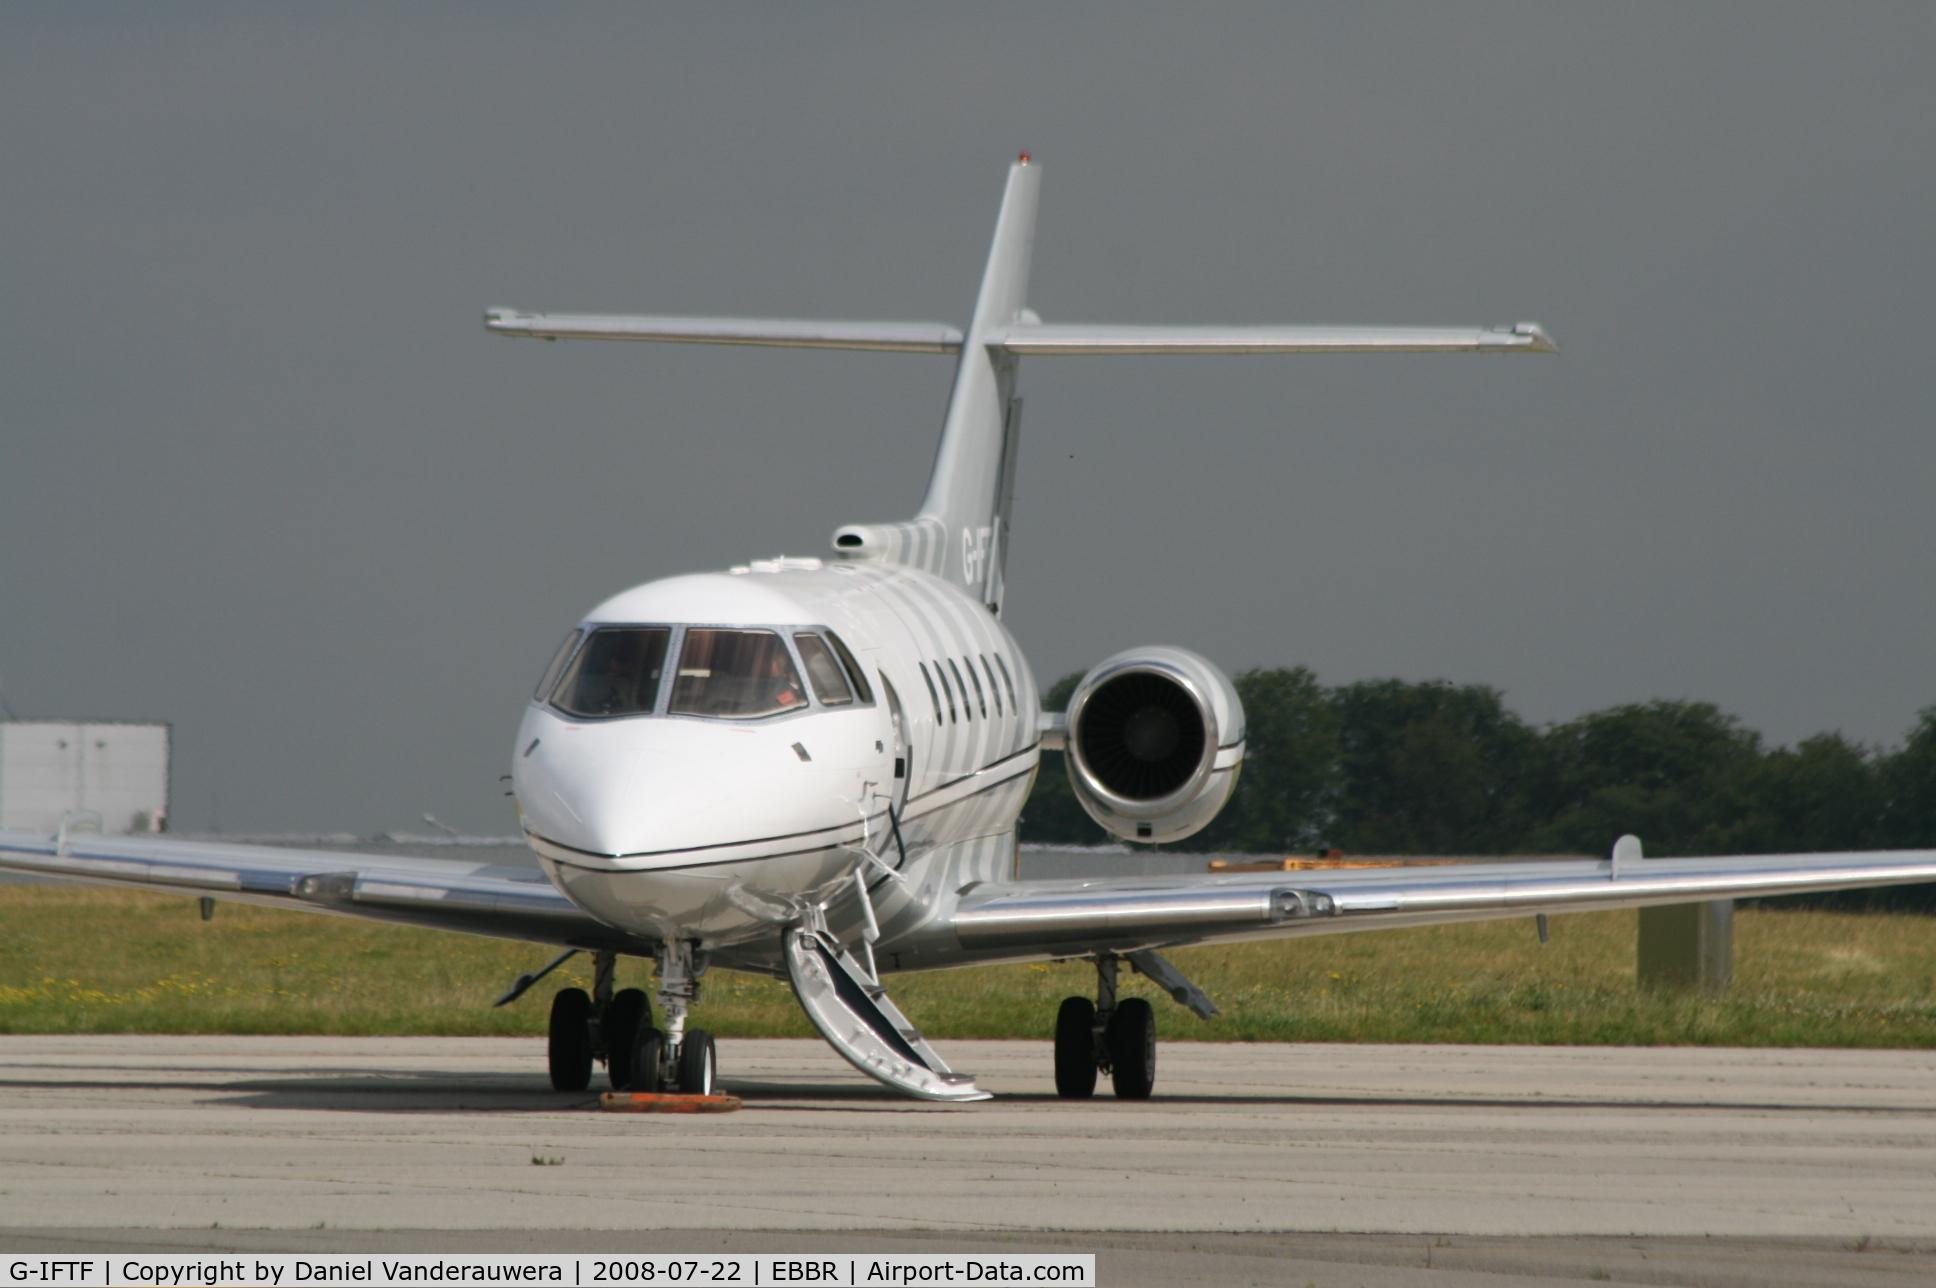 G-IFTF, 1985 British Aerospace BAe.125-800B C/N 258021, Parked on G.A. apron